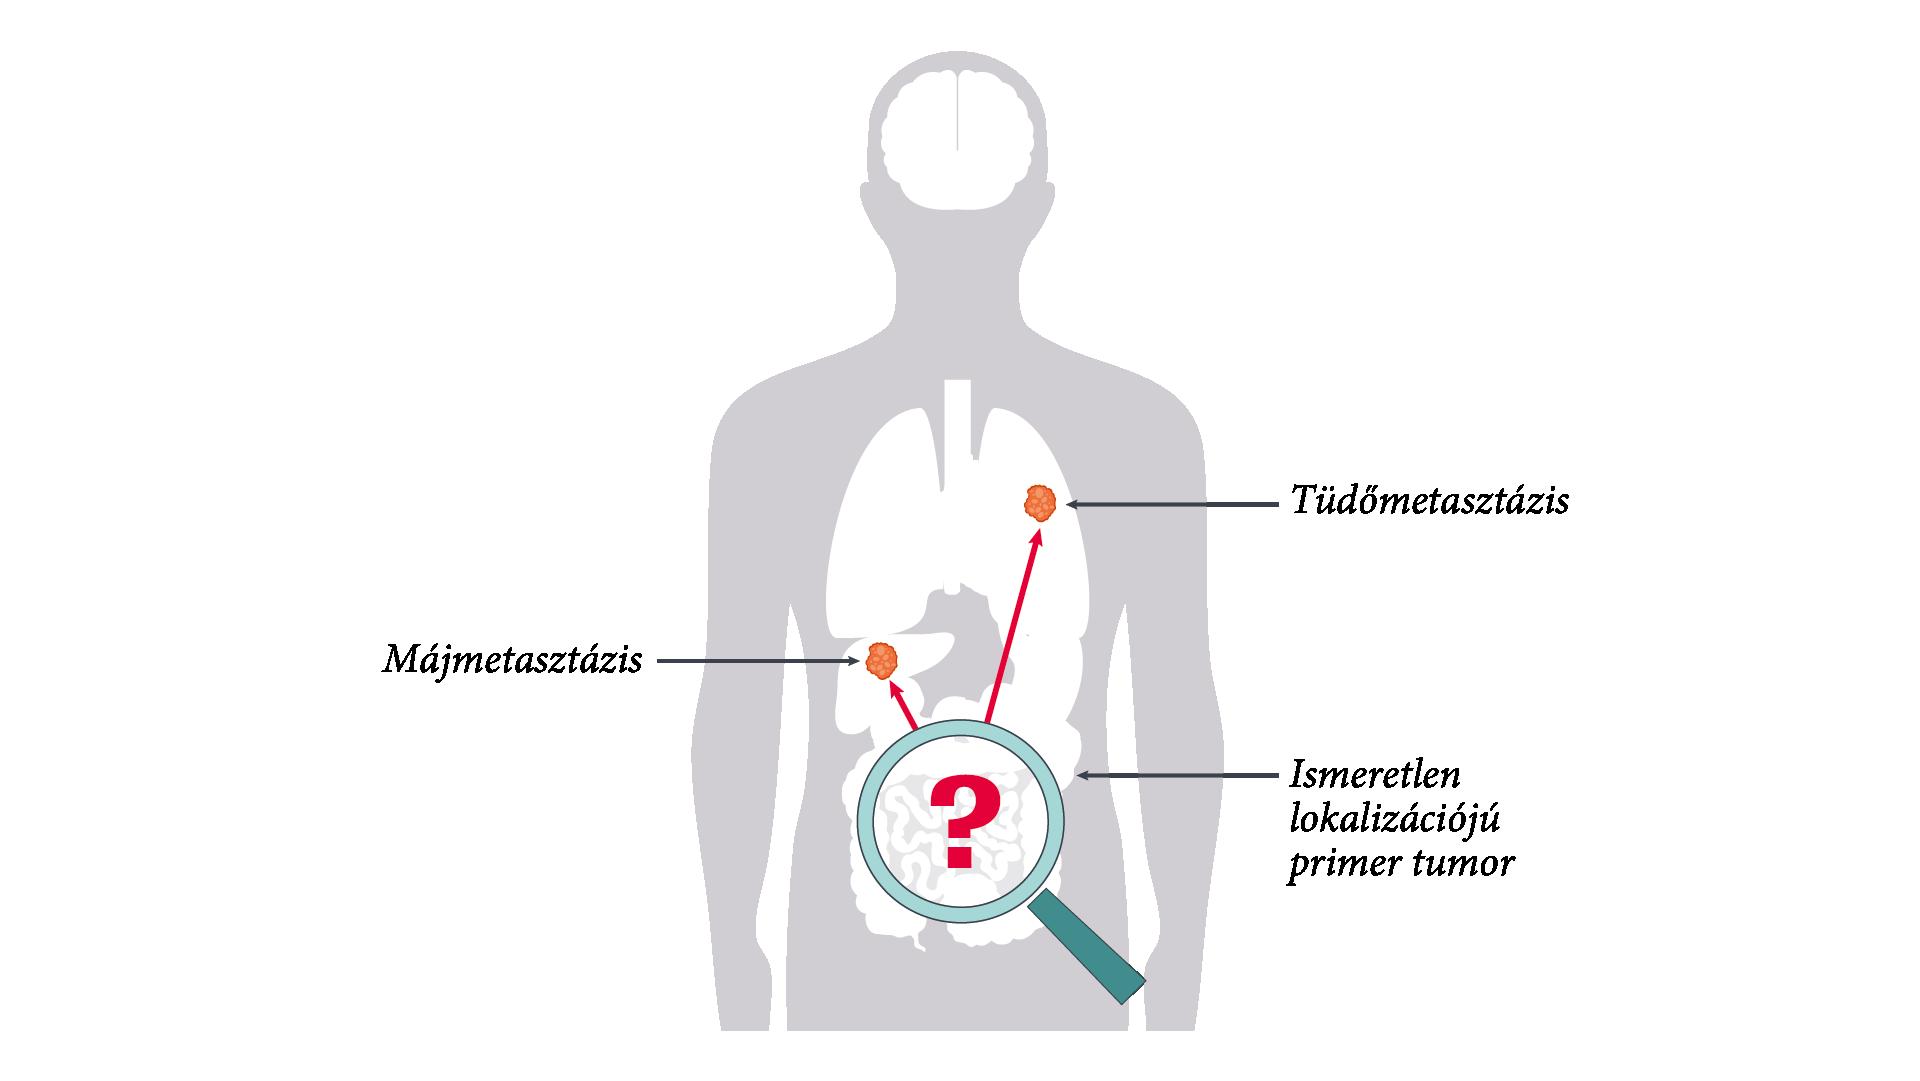 Petefészek daganatok | Hungarian Oncology Network - bestgumi.hu